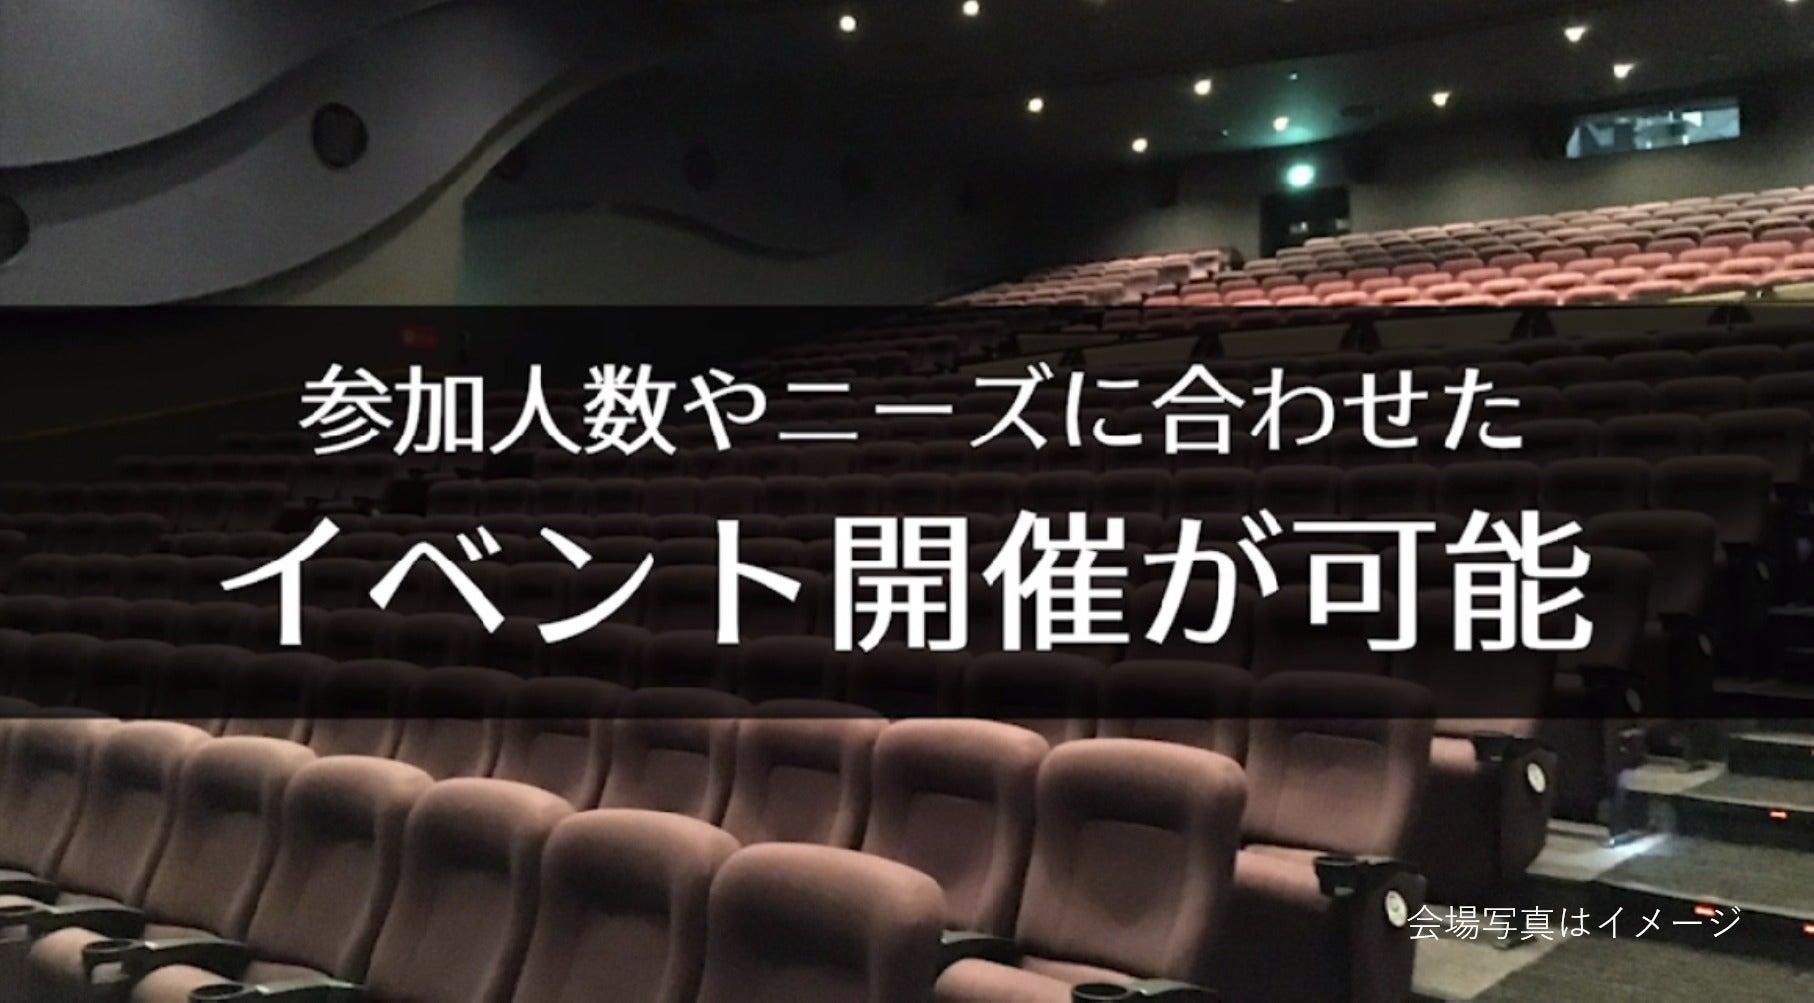 【入間 115席】映画館で、会社説明会、株主総会、講演会の企画はいかがですか?(ユナイテッド・シネマ入間) の写真0